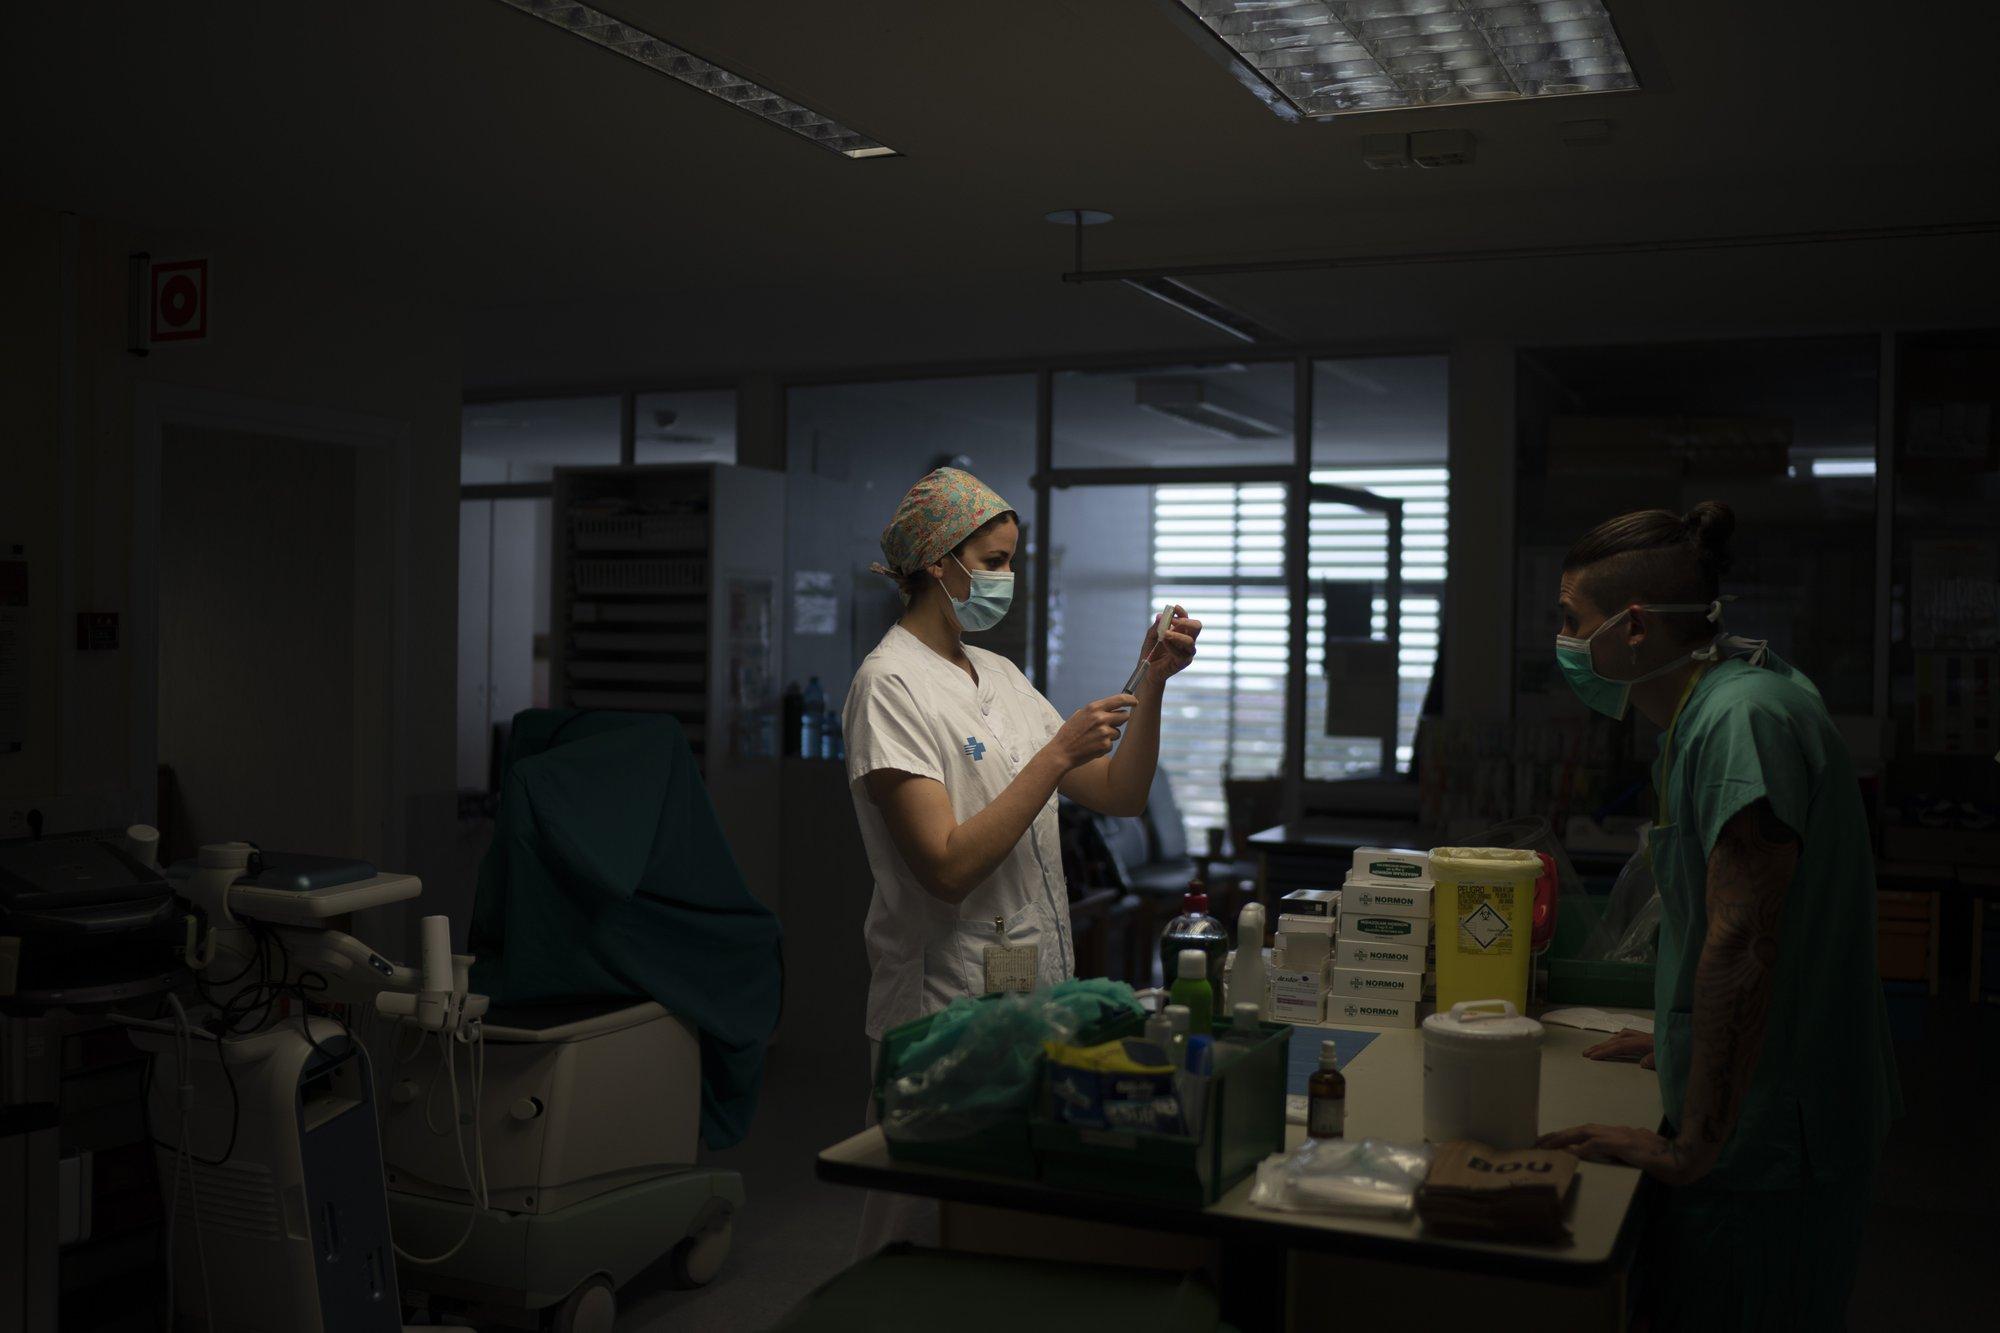 Una enfermera prepara una dosis de medicamento para un paciente con coronavirus COVID-19 en el Hospital GErmans Trias i Pujol en Badalona, Barcelona (AP Photo/Felipe Dana)